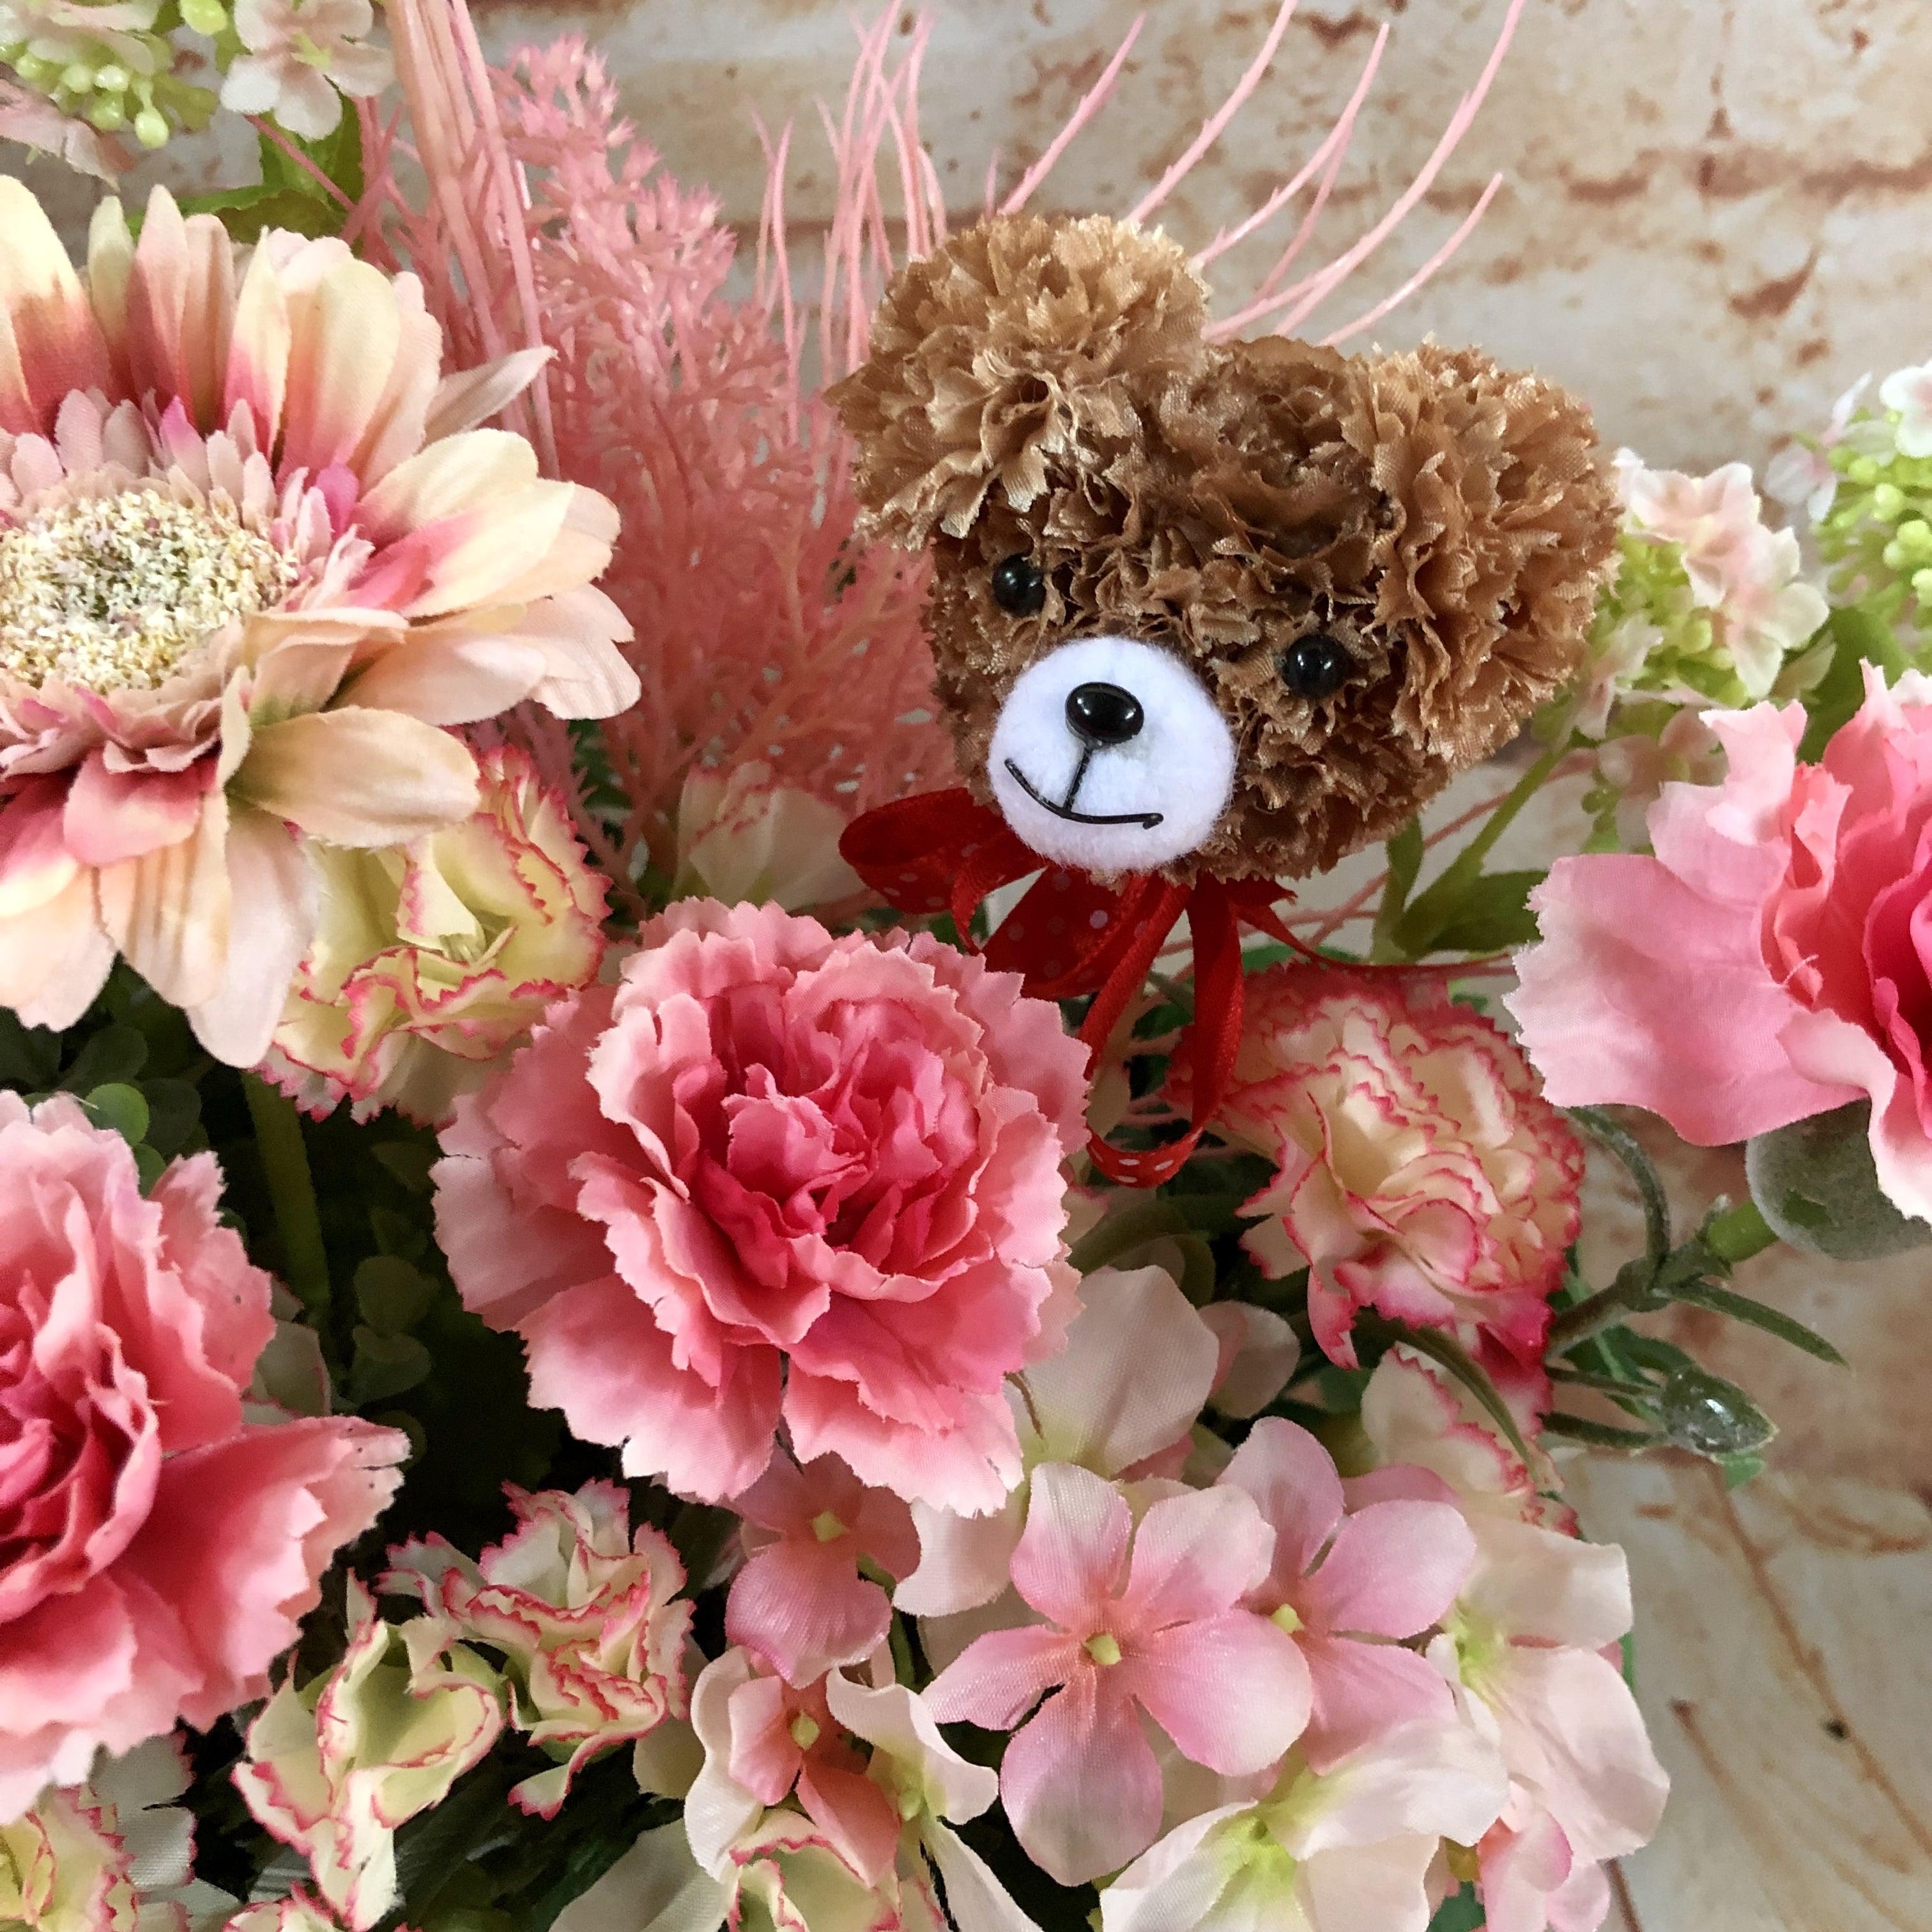 【店頭引取り専用】数量限定 母の日カーネーションアレンジ/プレゼント/ピンク/枯れないお花造花/プレゼントに喜ばれる/大切な人へのプレゼント/贈答用/特別なプレゼント/形に残る/人とは違う物がいい/母-2のイメージその5